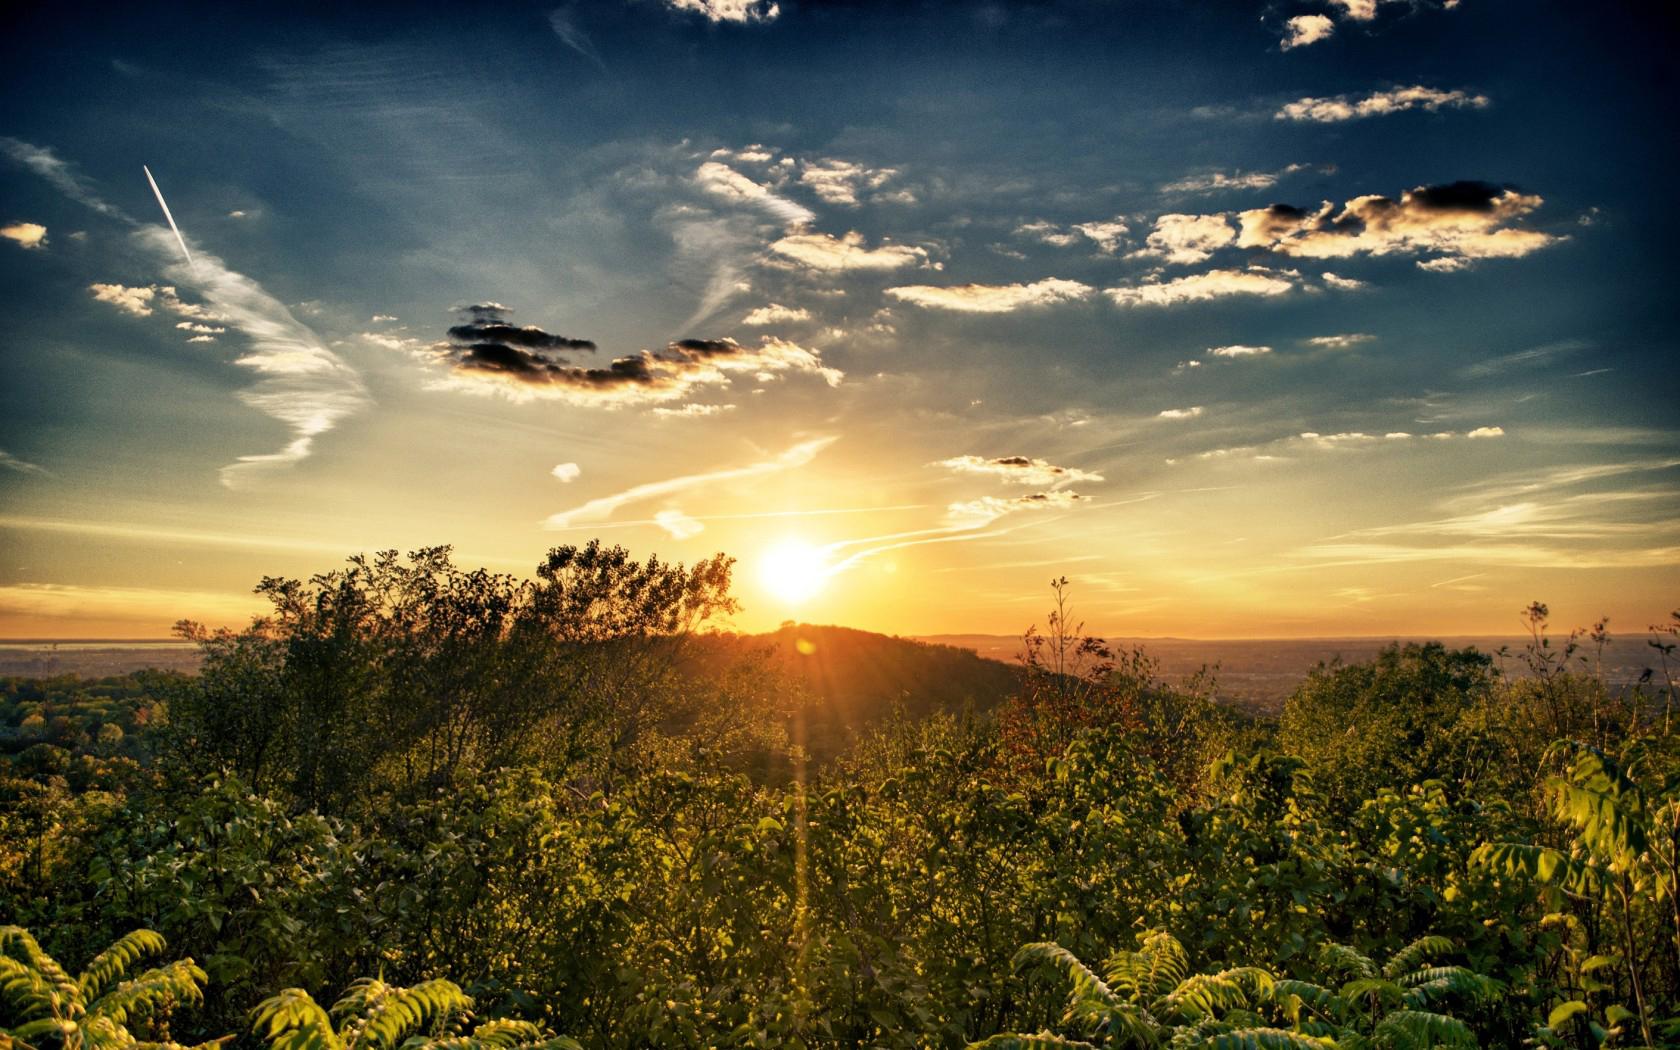 Блоги. Немного обоев. Фотографии, природы, уголки, Прекрасные, альбоме, «Красивые, ЯндексФоткахltmore, dodjik007, пейзажи», Самоесамое, серии, бешенный, пролетел, Январь, здравствуйте, КралсонФевраль, дворе, обоев, подборк